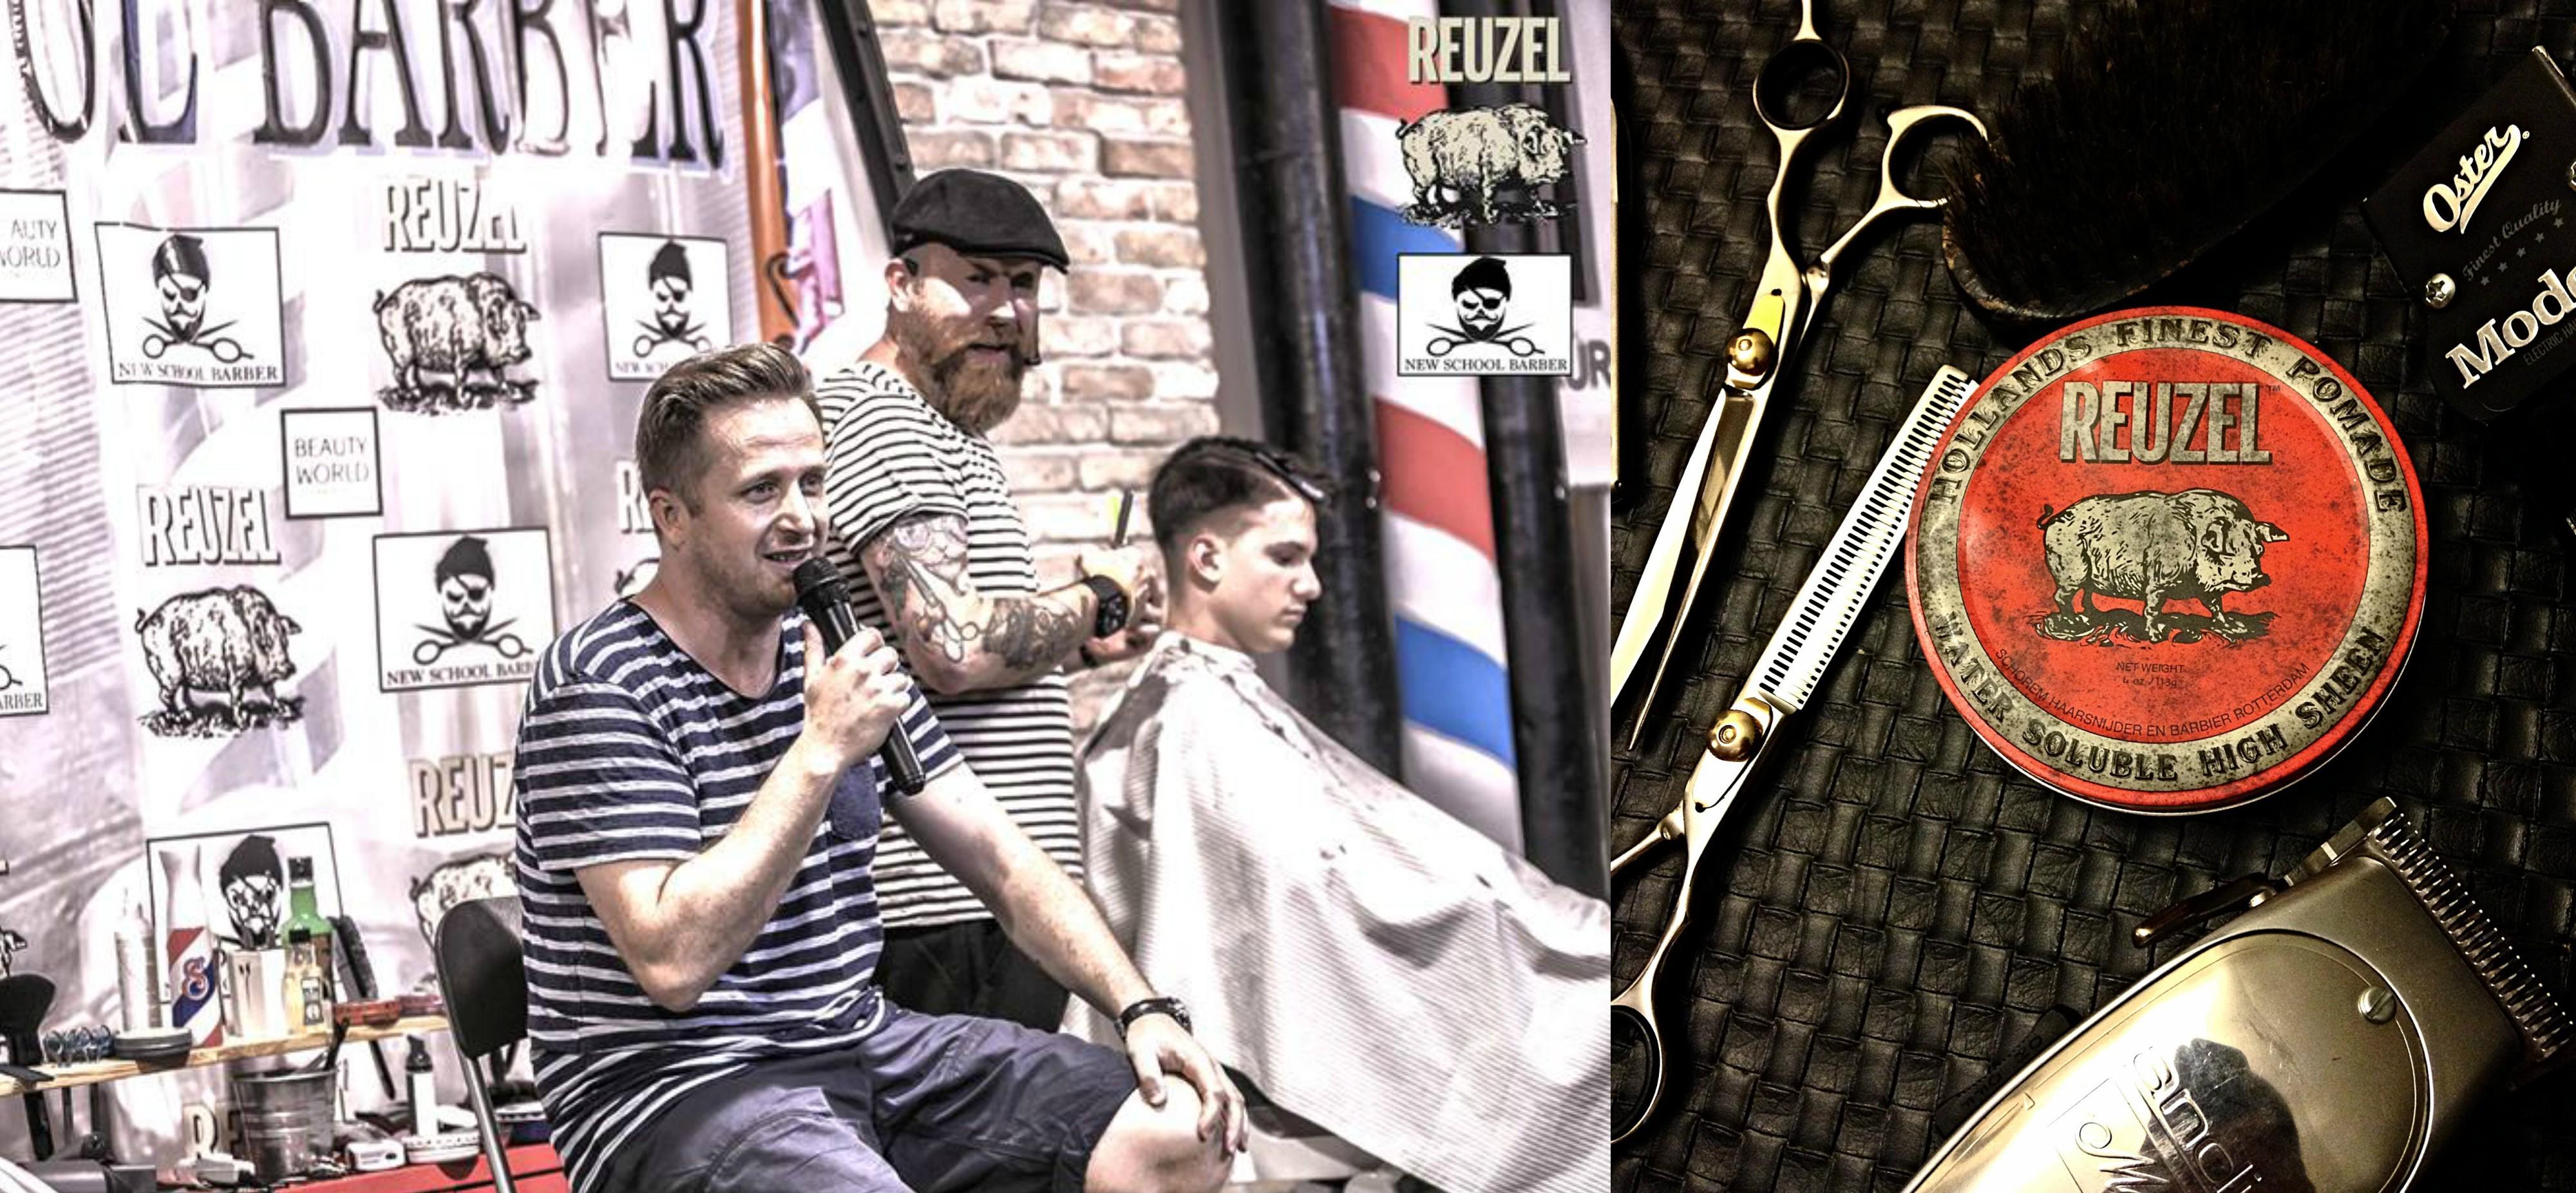 Többet szeretnél adni a férfi vendégeidnek?<br /> Meg ismernéd a modern férfi hajvágás titkait?<br /> Bővítenéd tudásod a népszerűI barber szolgáltatások területén?<br /> <br /> 2017. szeptember 25-én a New School Barber képzésen a helyed!